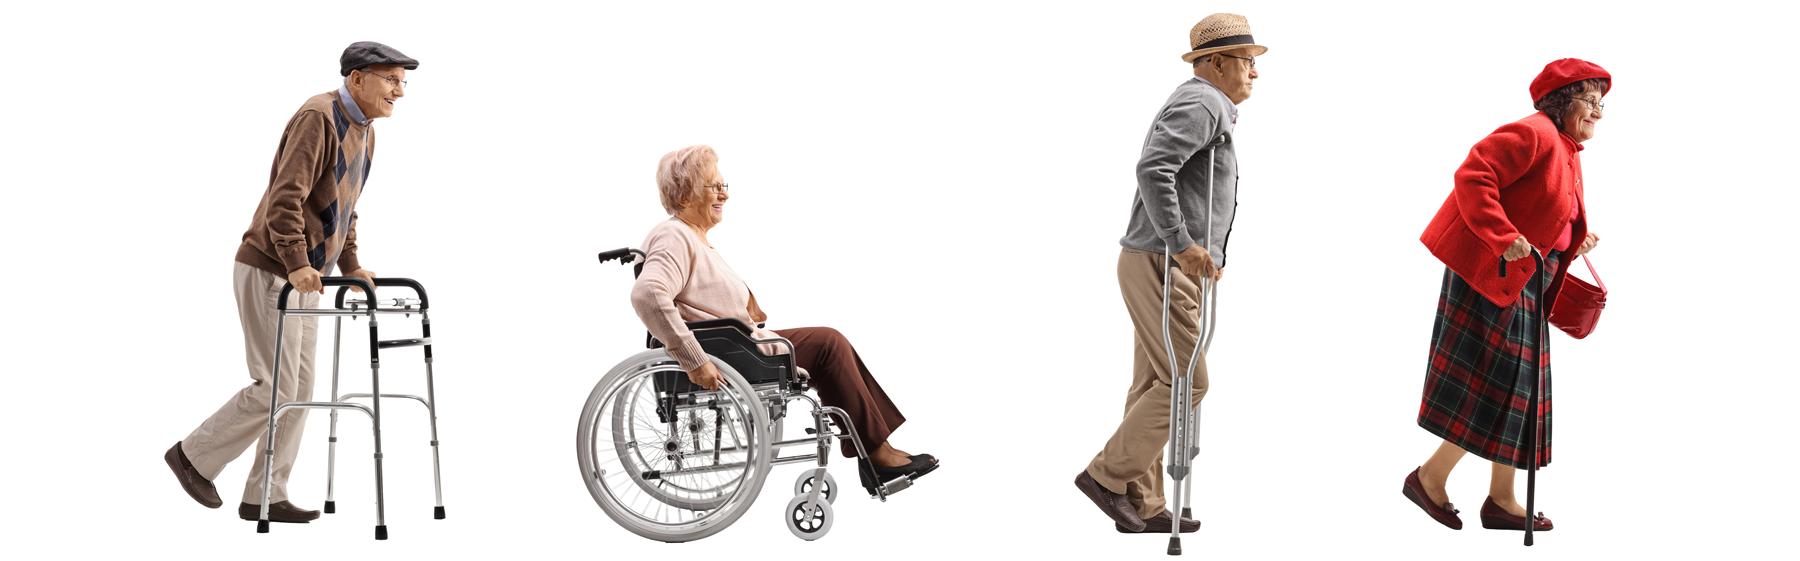 KINESIQ résidents pour aînés amélioration